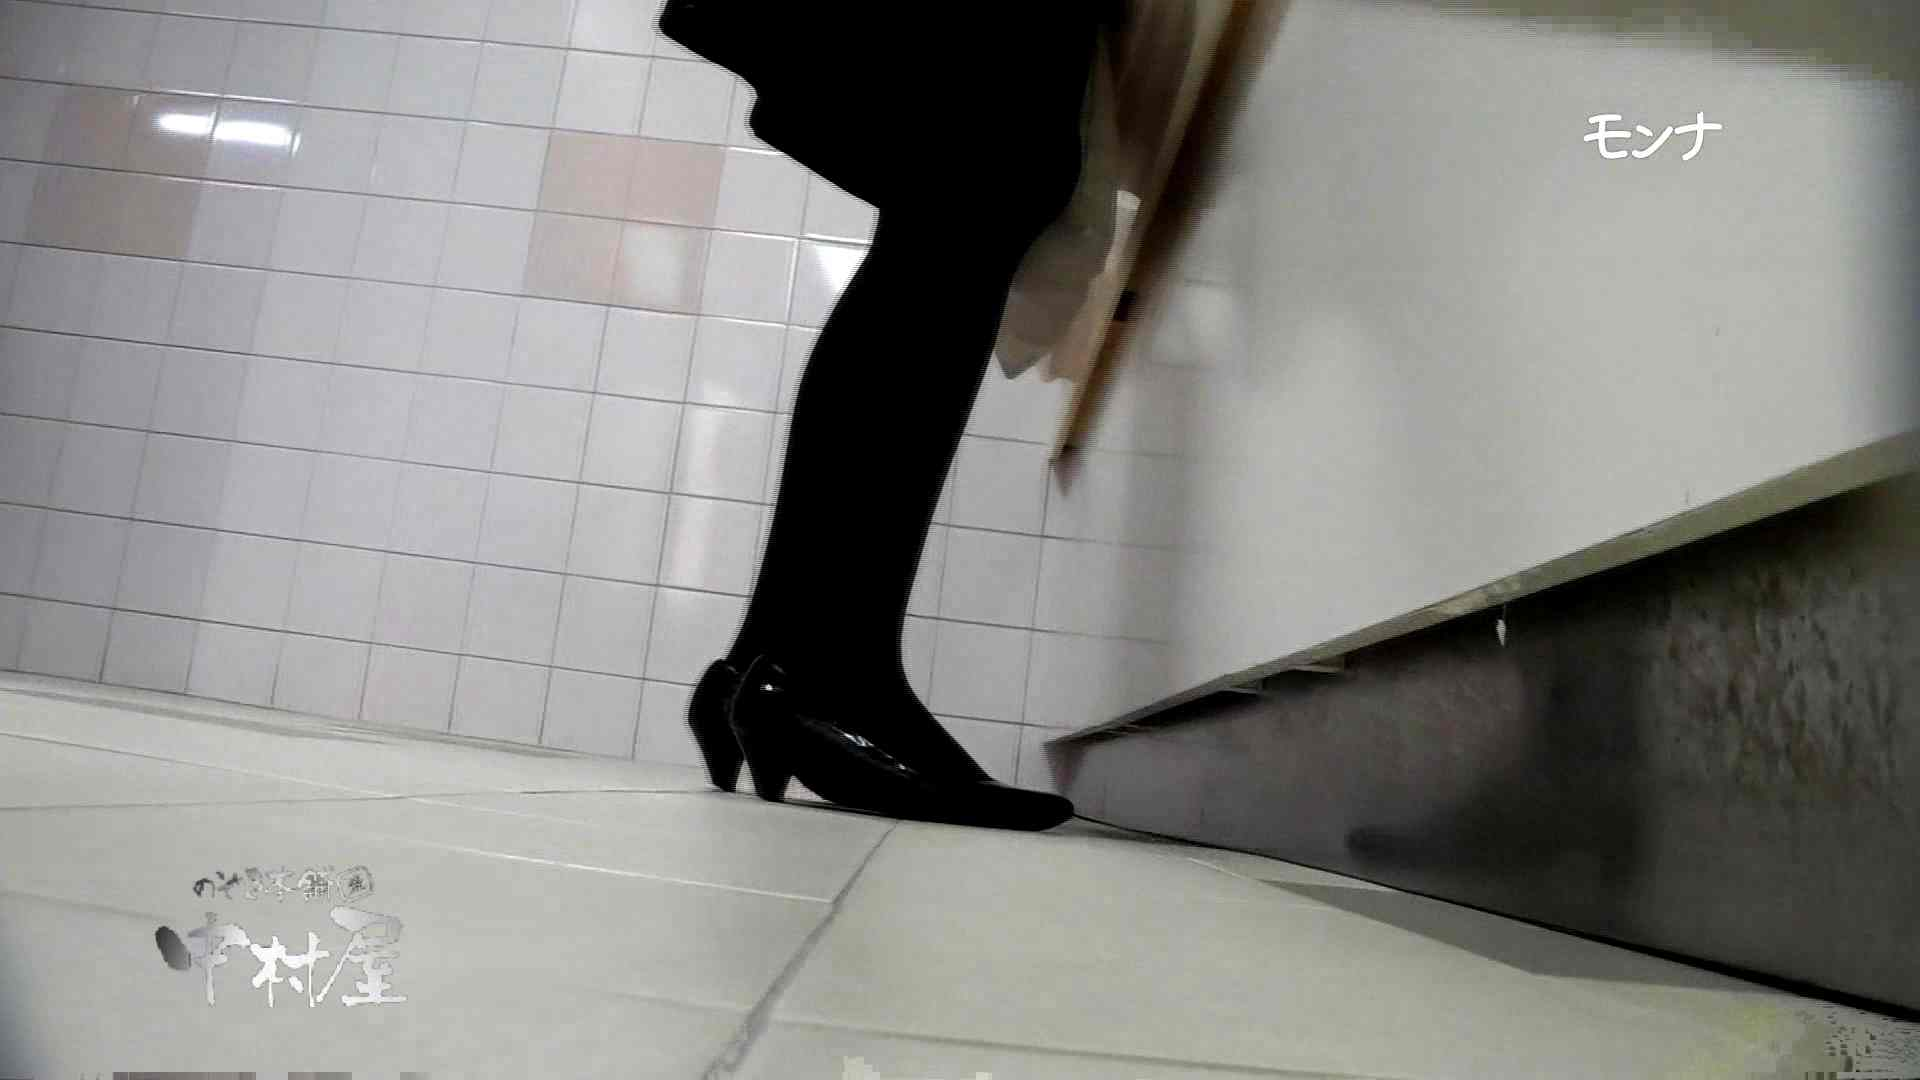 【美しい日本の未来】新学期!!下半身中心に攻めてます美女可愛い女子悪戯盗satuトイレ後編 悪戯 | 下半身  97pic 13